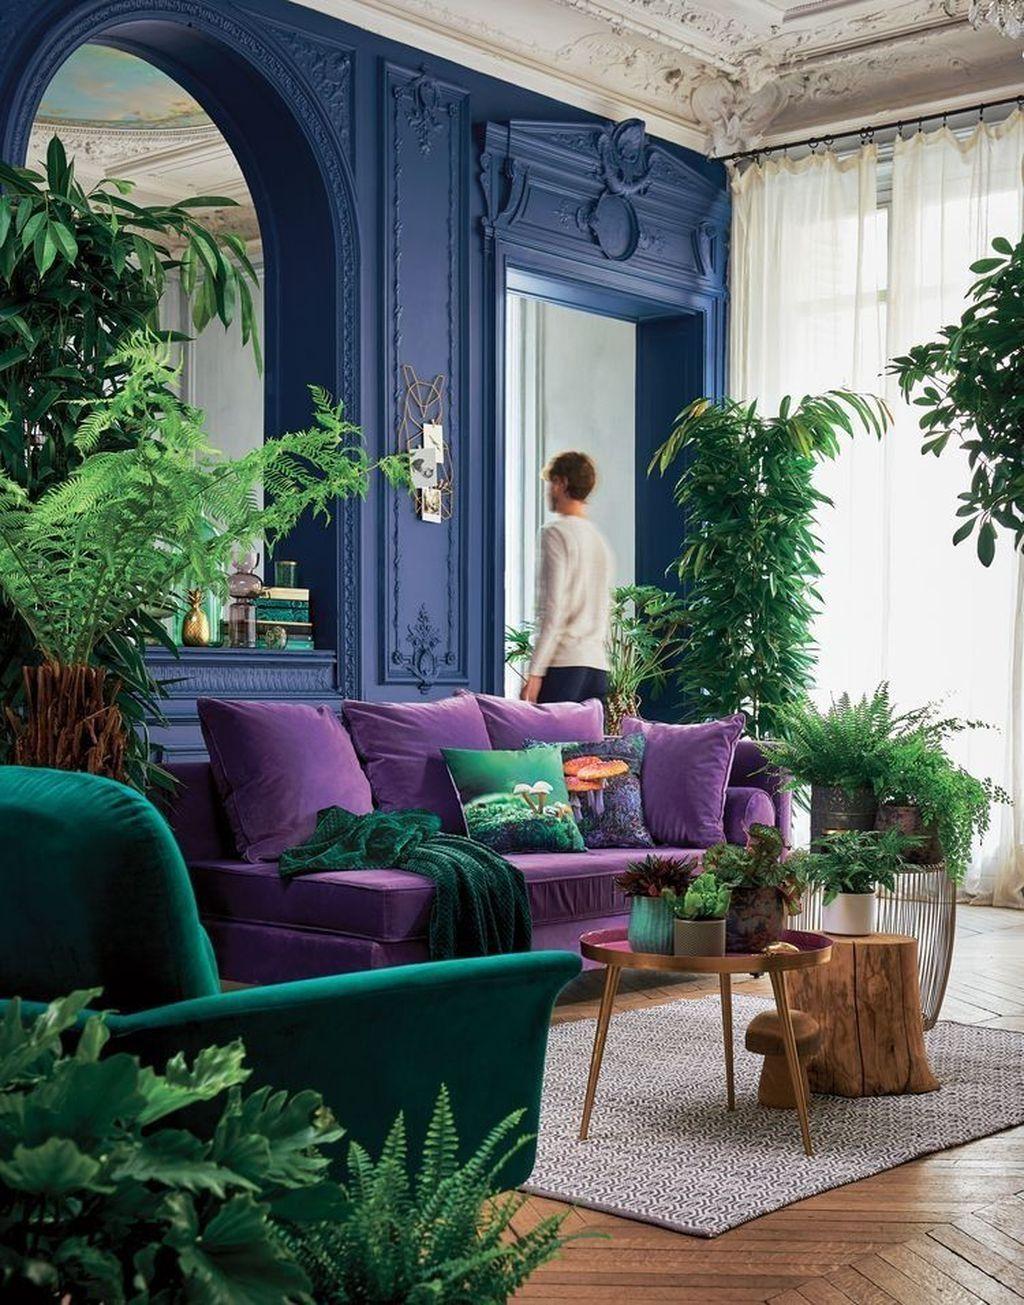 40 Vintage Blue Living Room Design Ideas You Must Have Living Room Decor Blue Living Room House Interior Vintage living room design